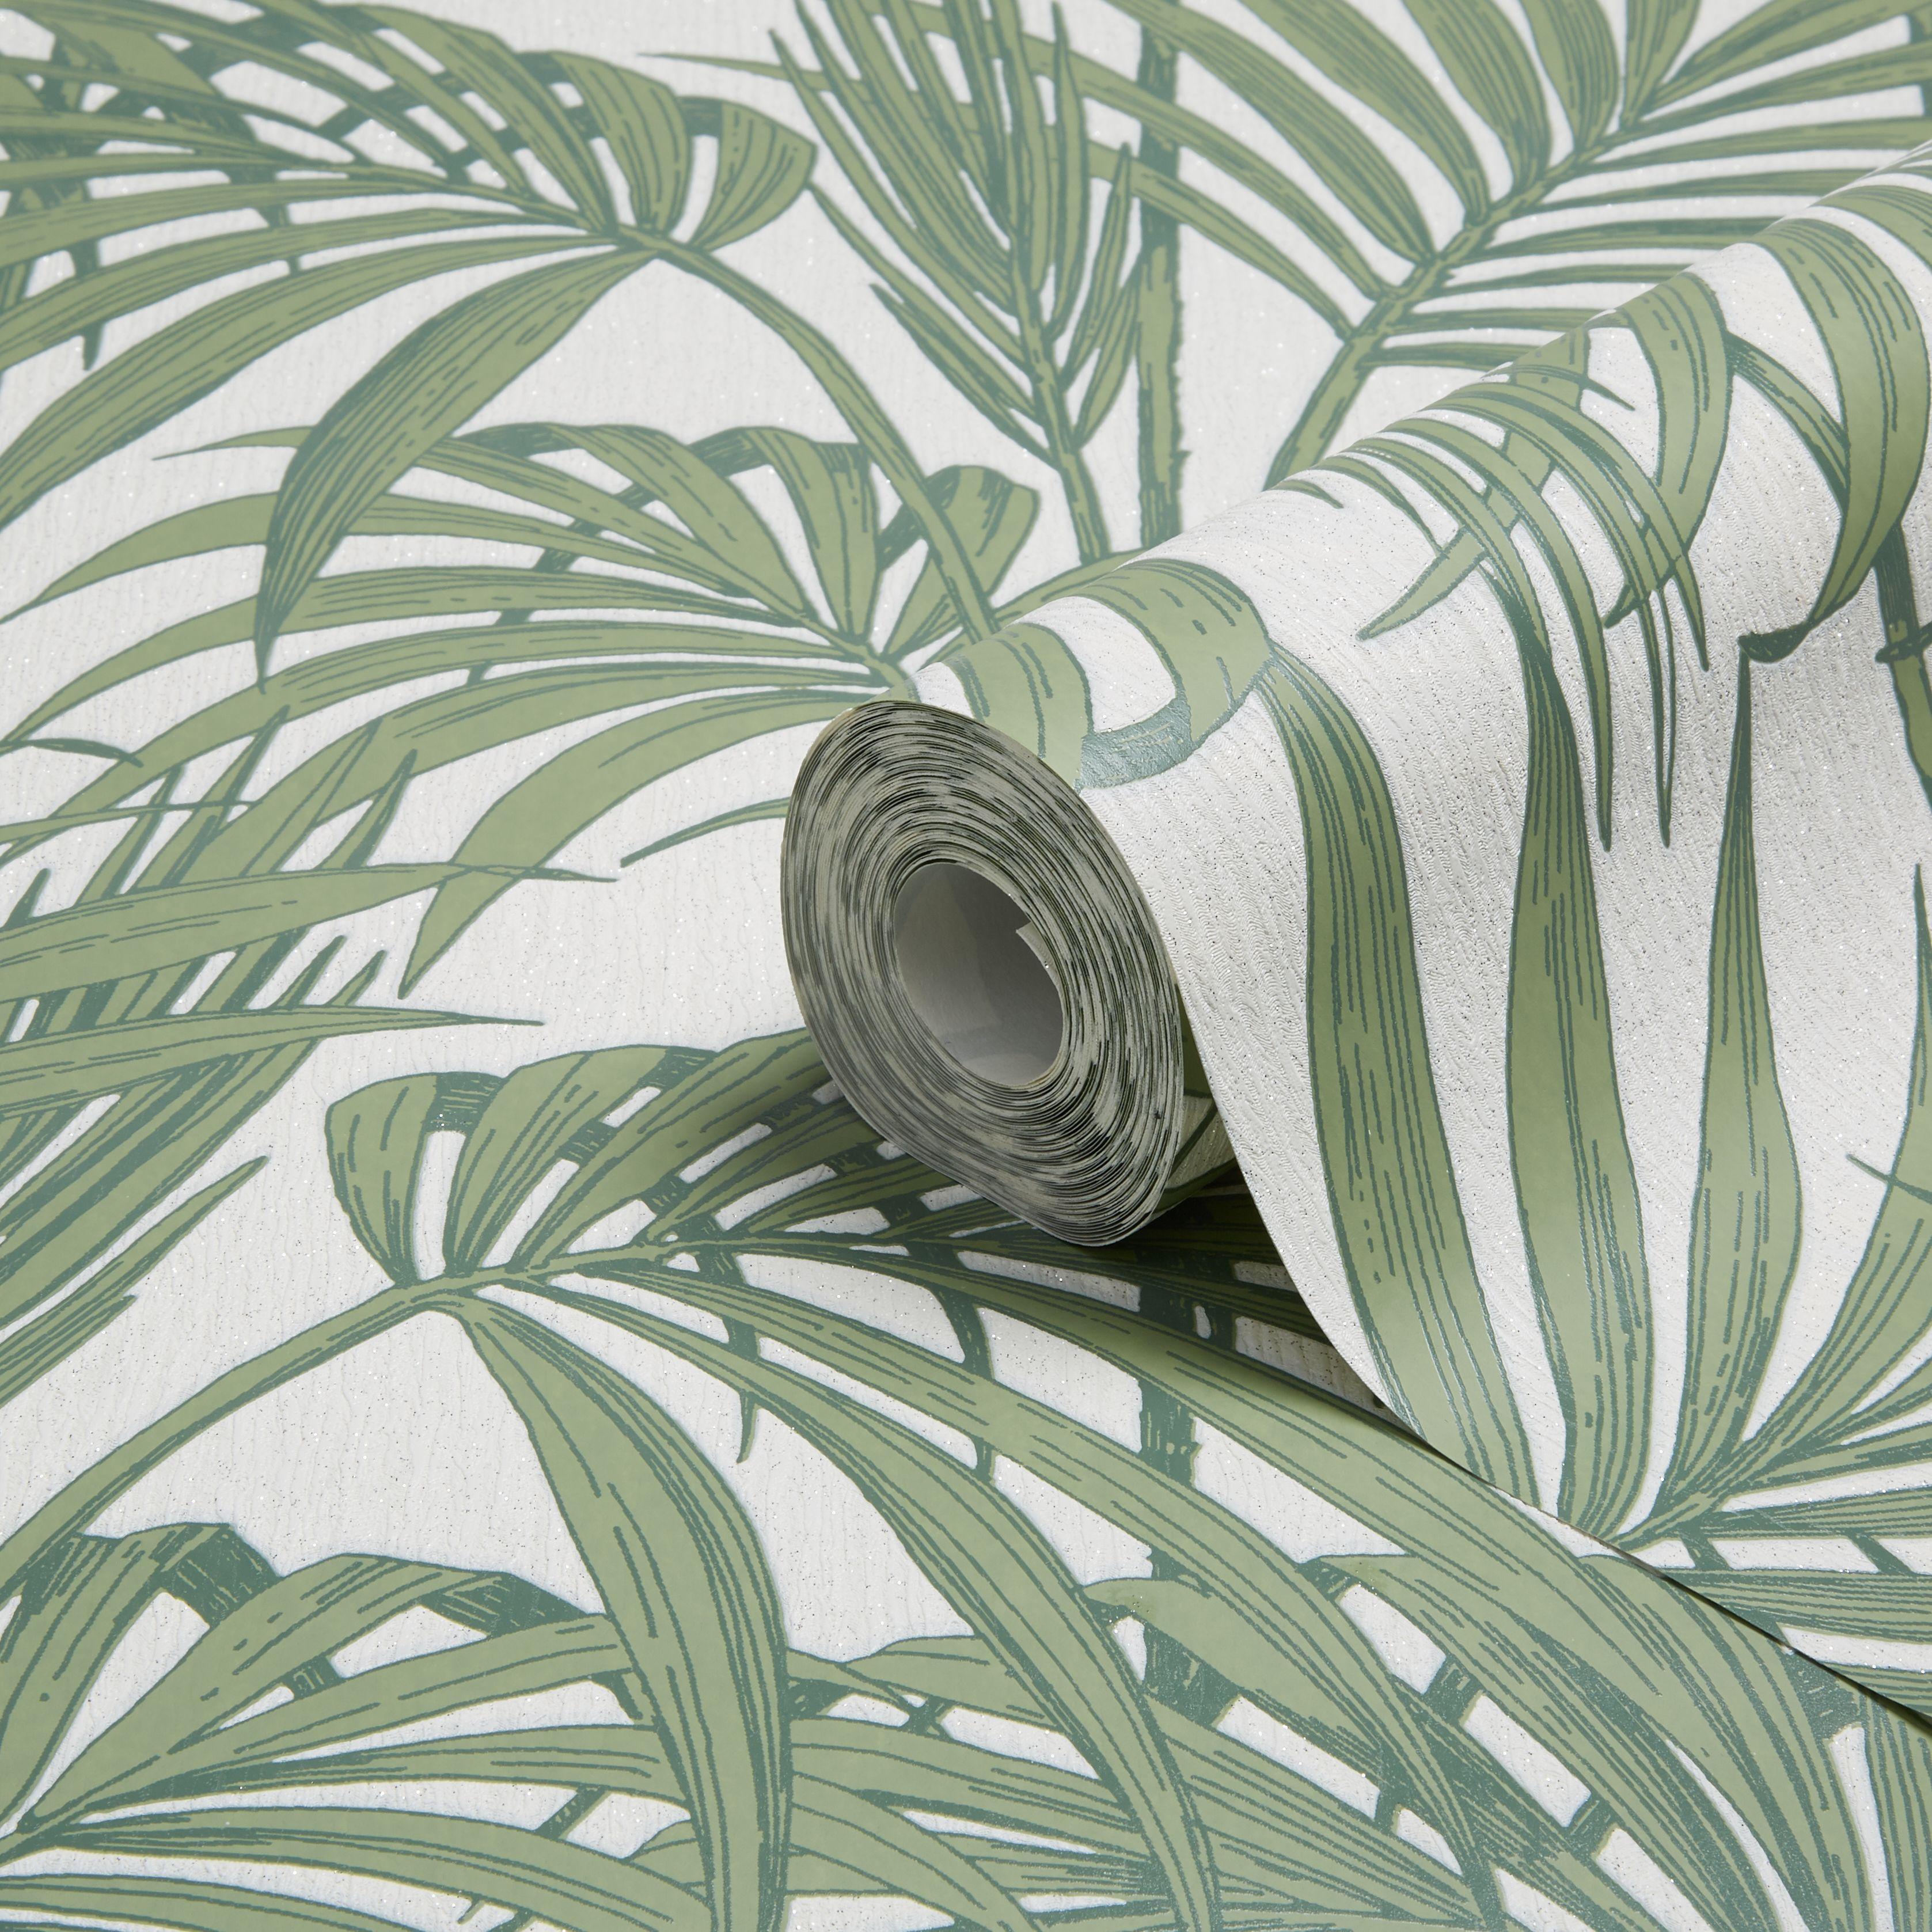 Graham & Brown Julien Macdonald Honolulu Palm Green